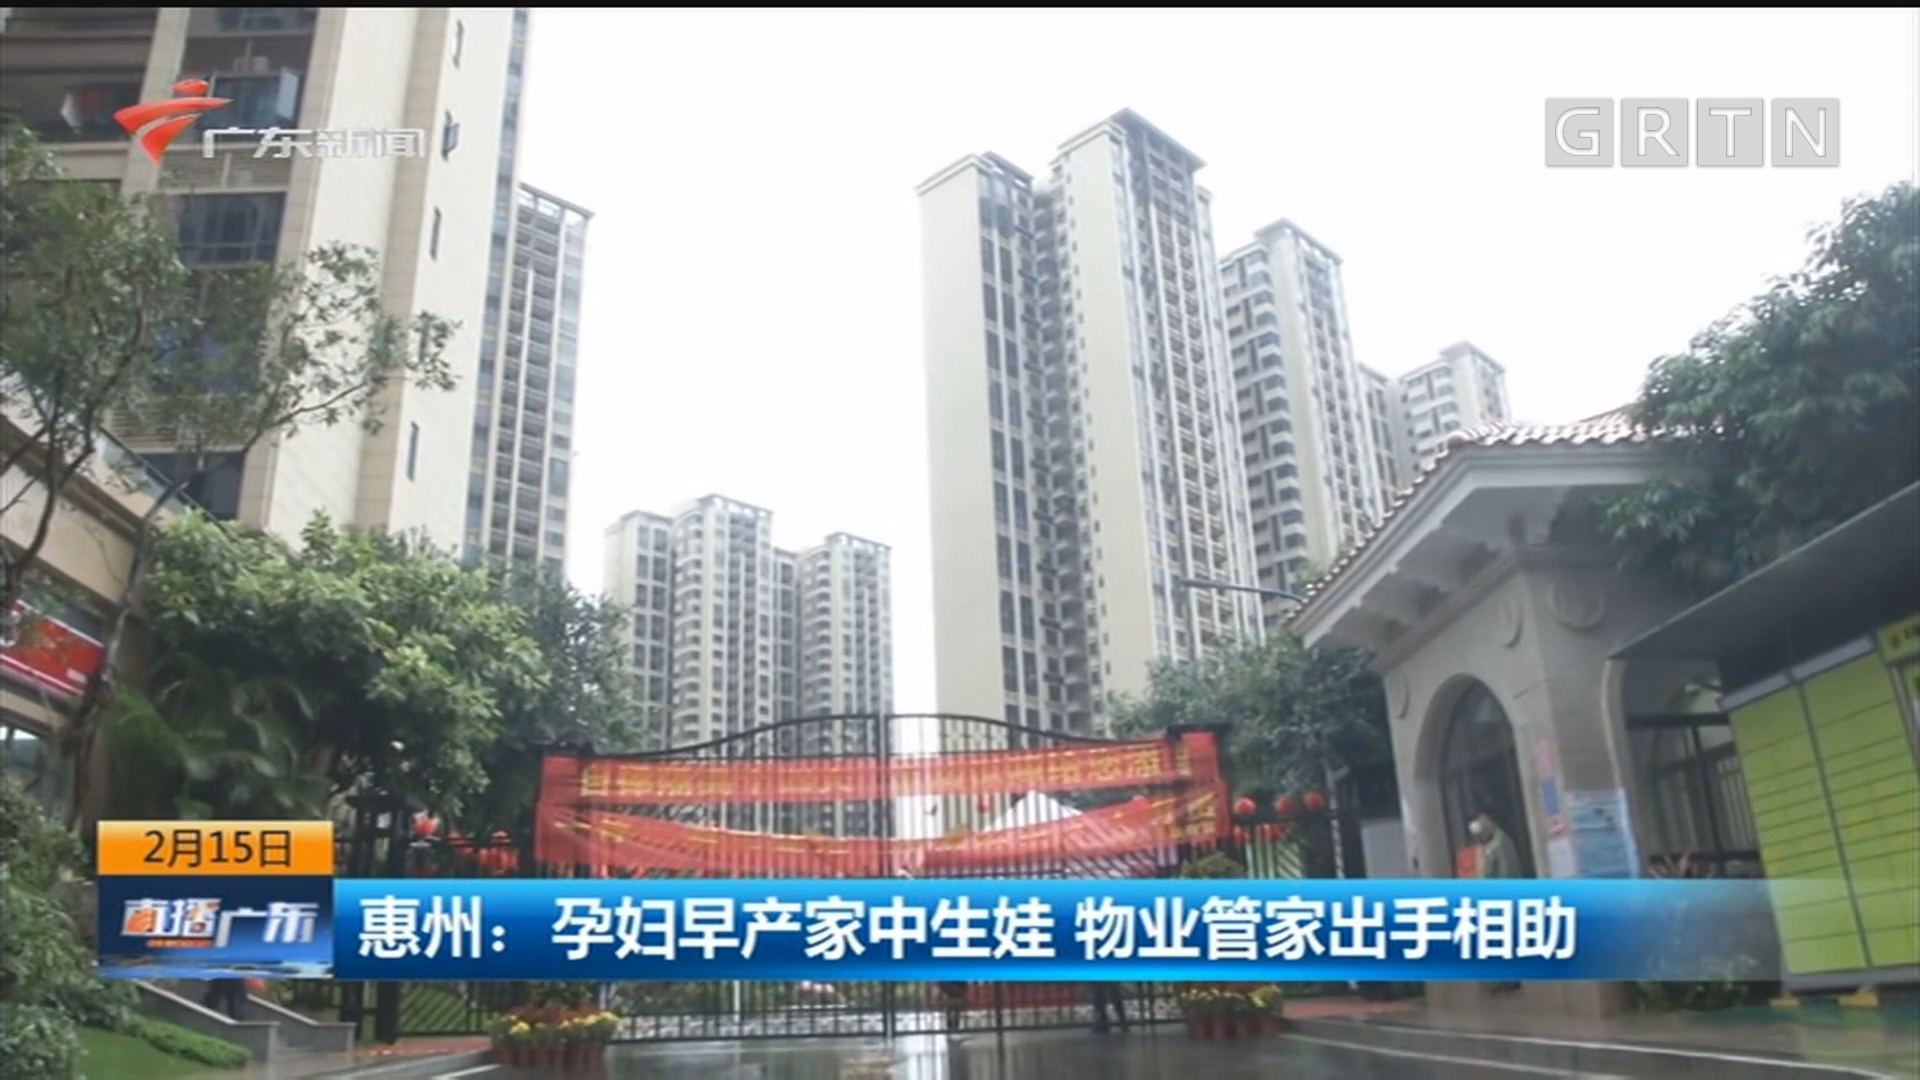 惠州:孕妇早产家中生娃 物业管家出手相助